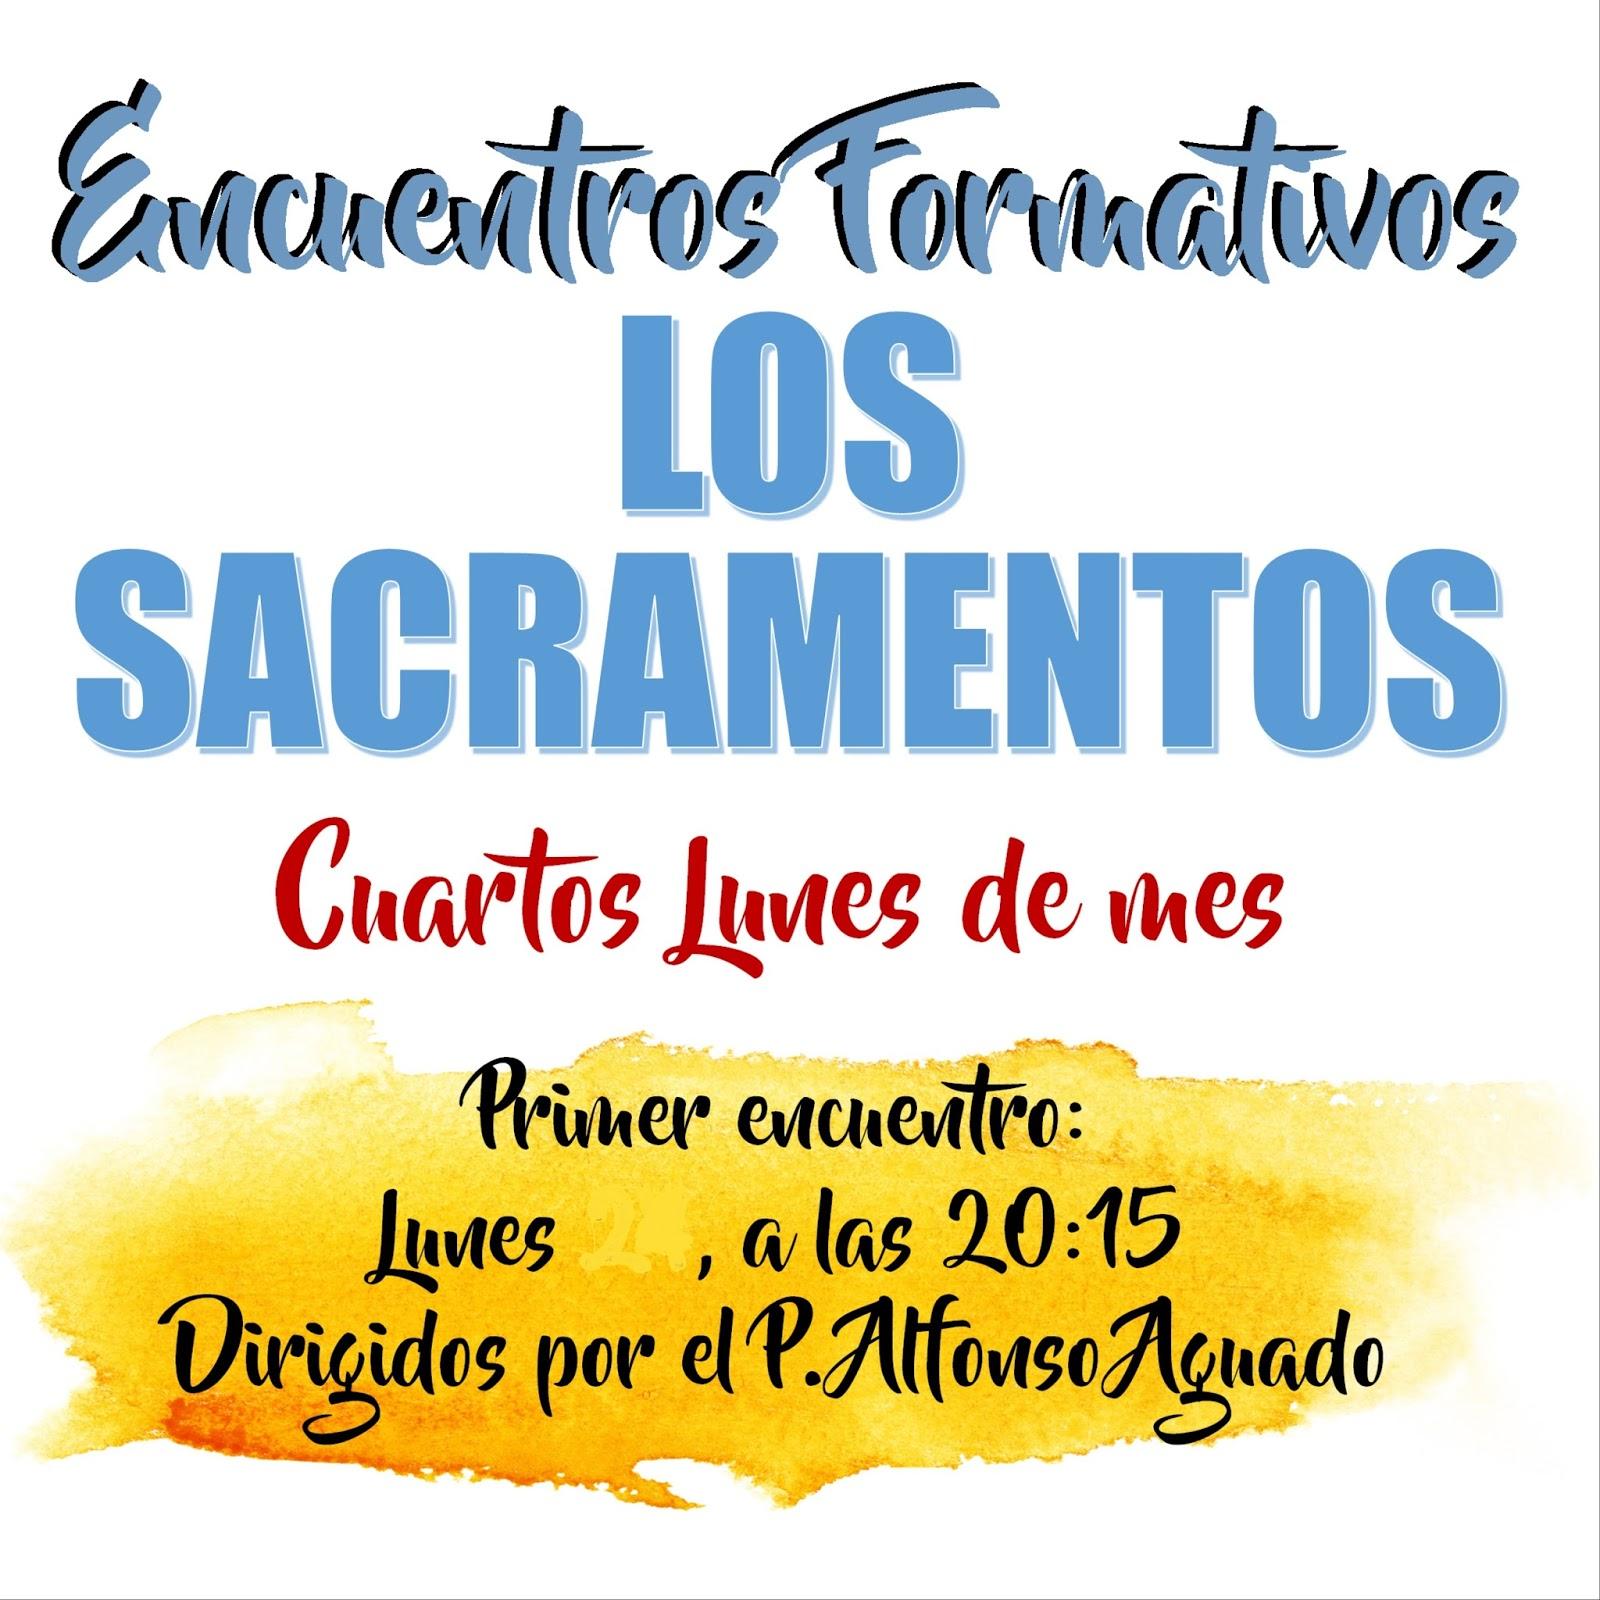 Lunes, 23 de octubre. Encuentros formativos: Los sacramentos